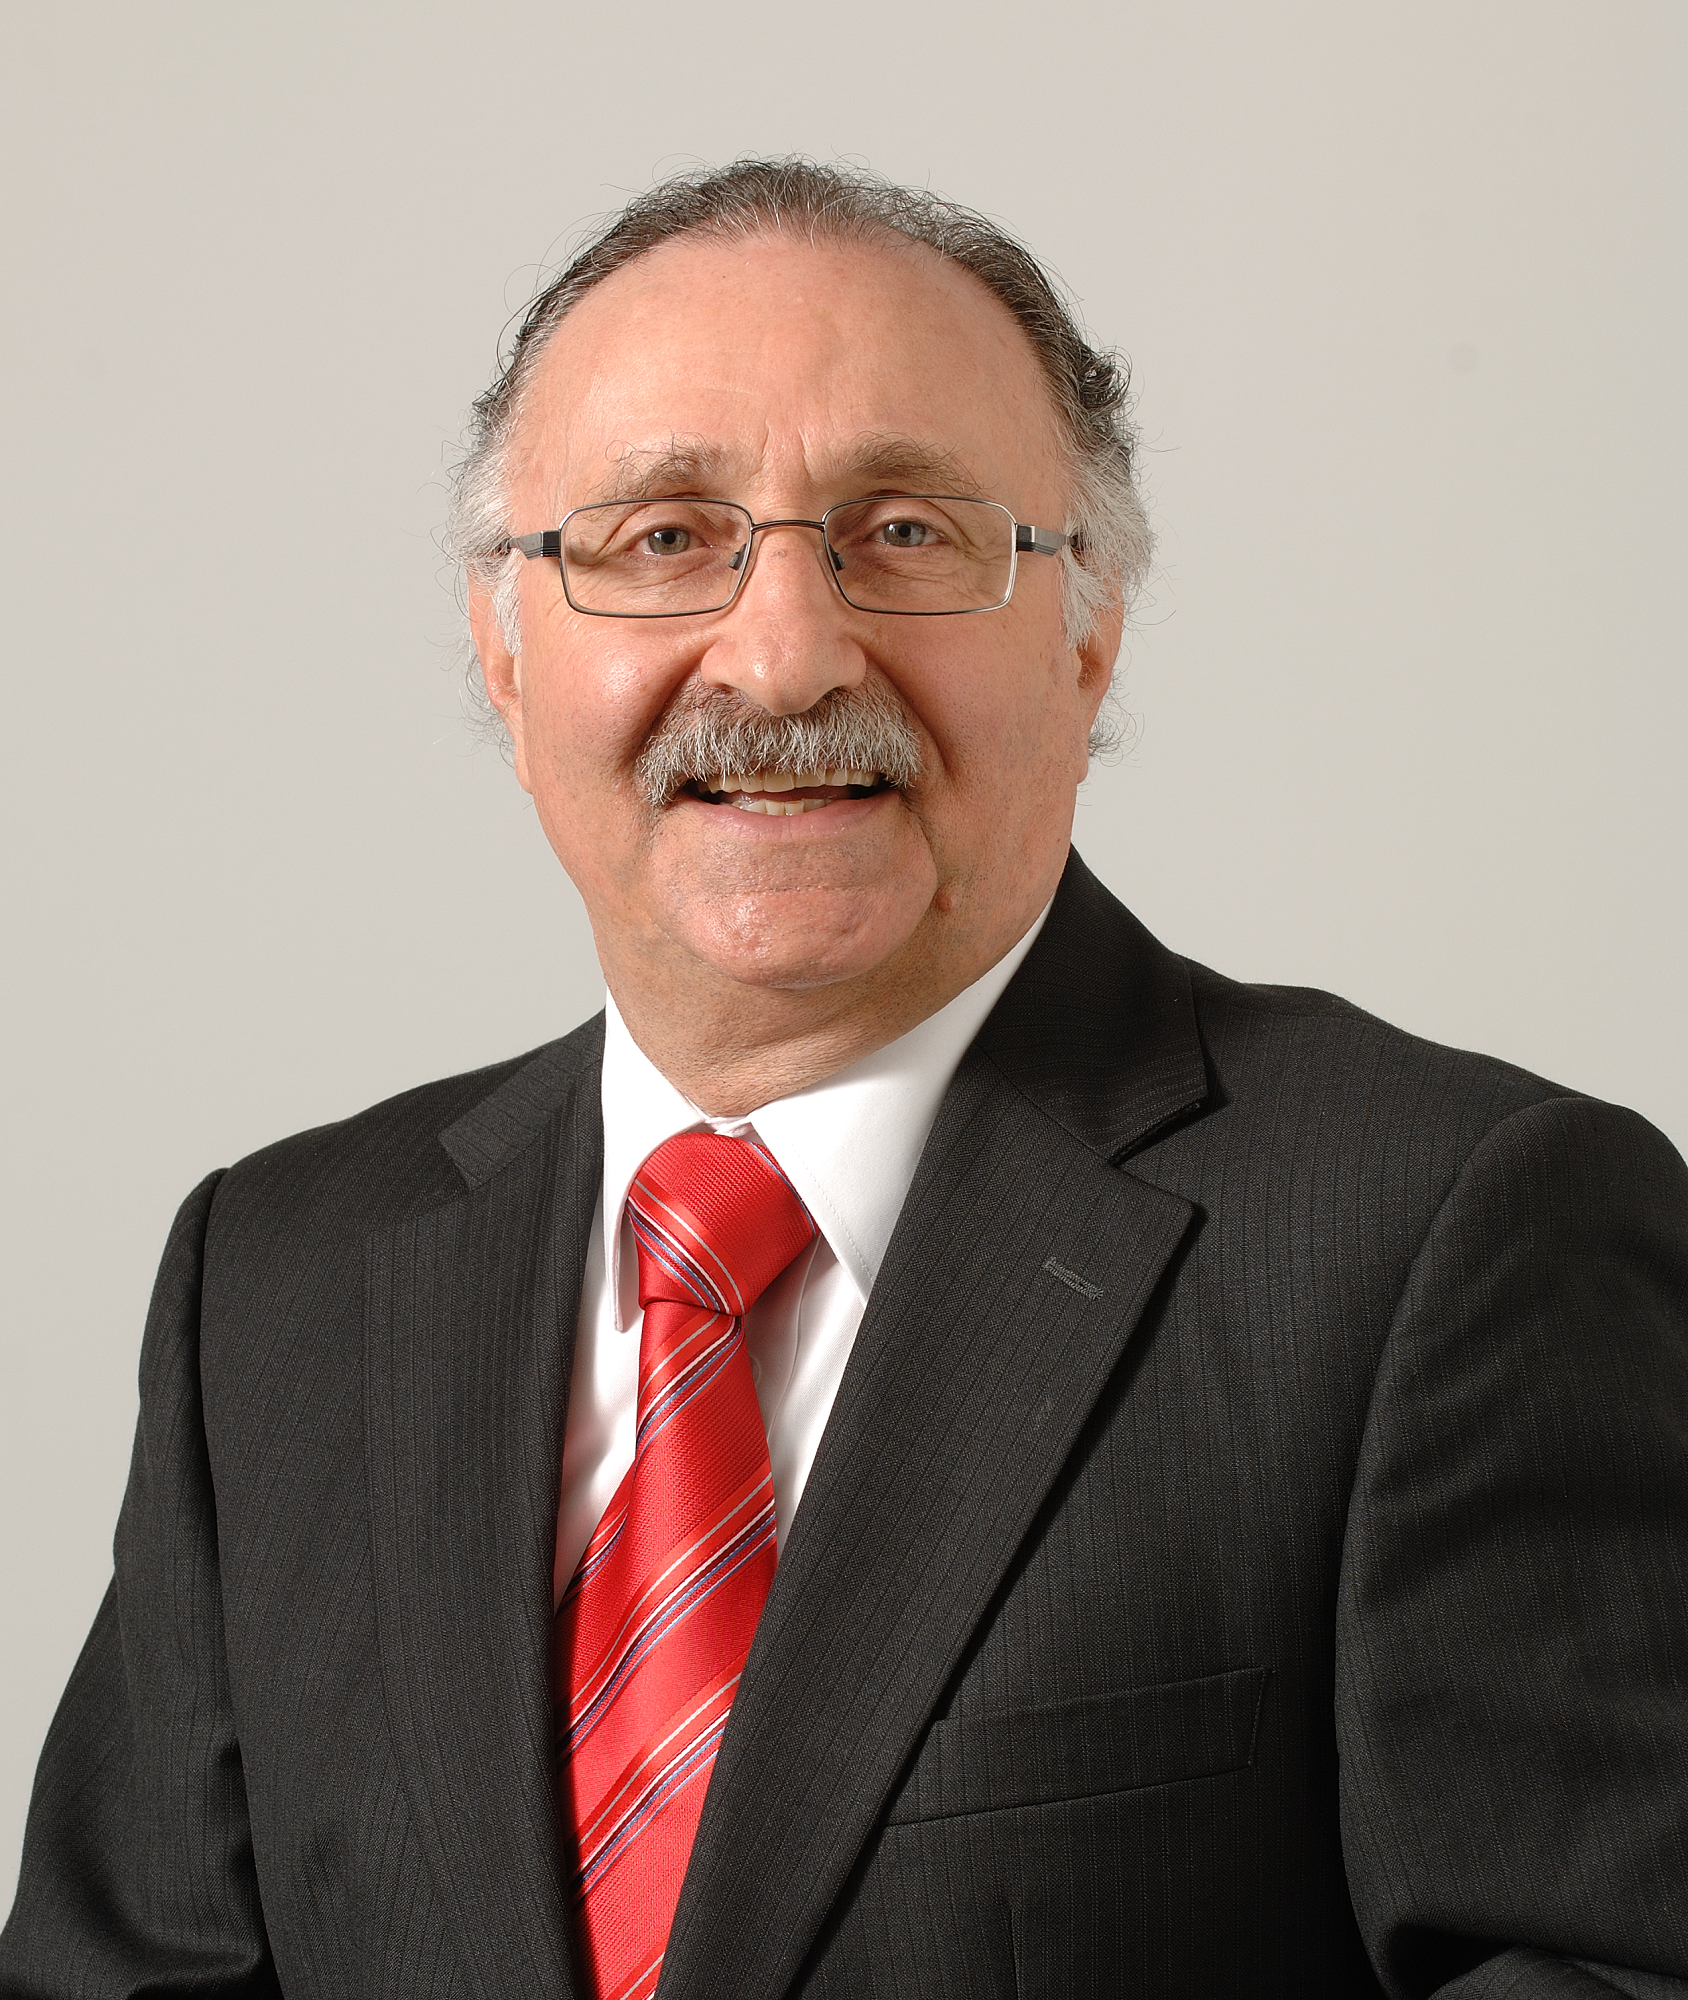 Tony Dedda